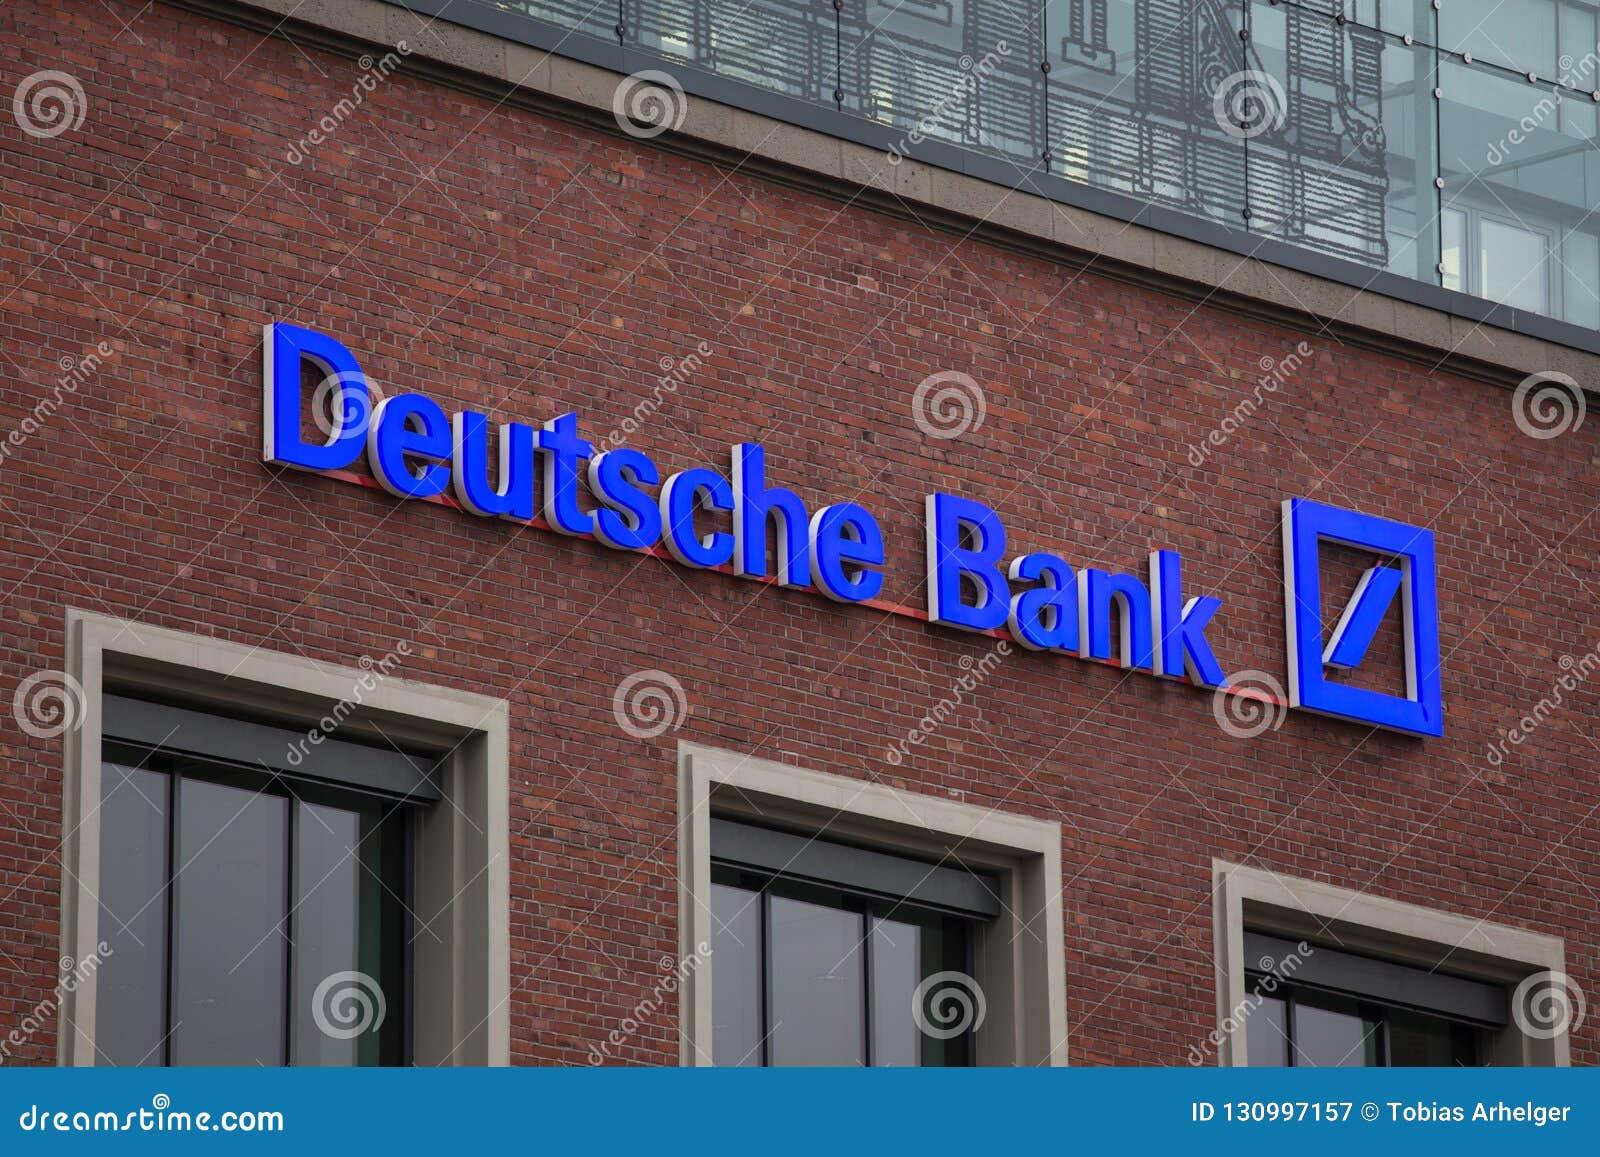 Essen, Noordrijn-Westfalen/Duitsland - 18 10 18: deutsche bankteken in Essen Duitsland